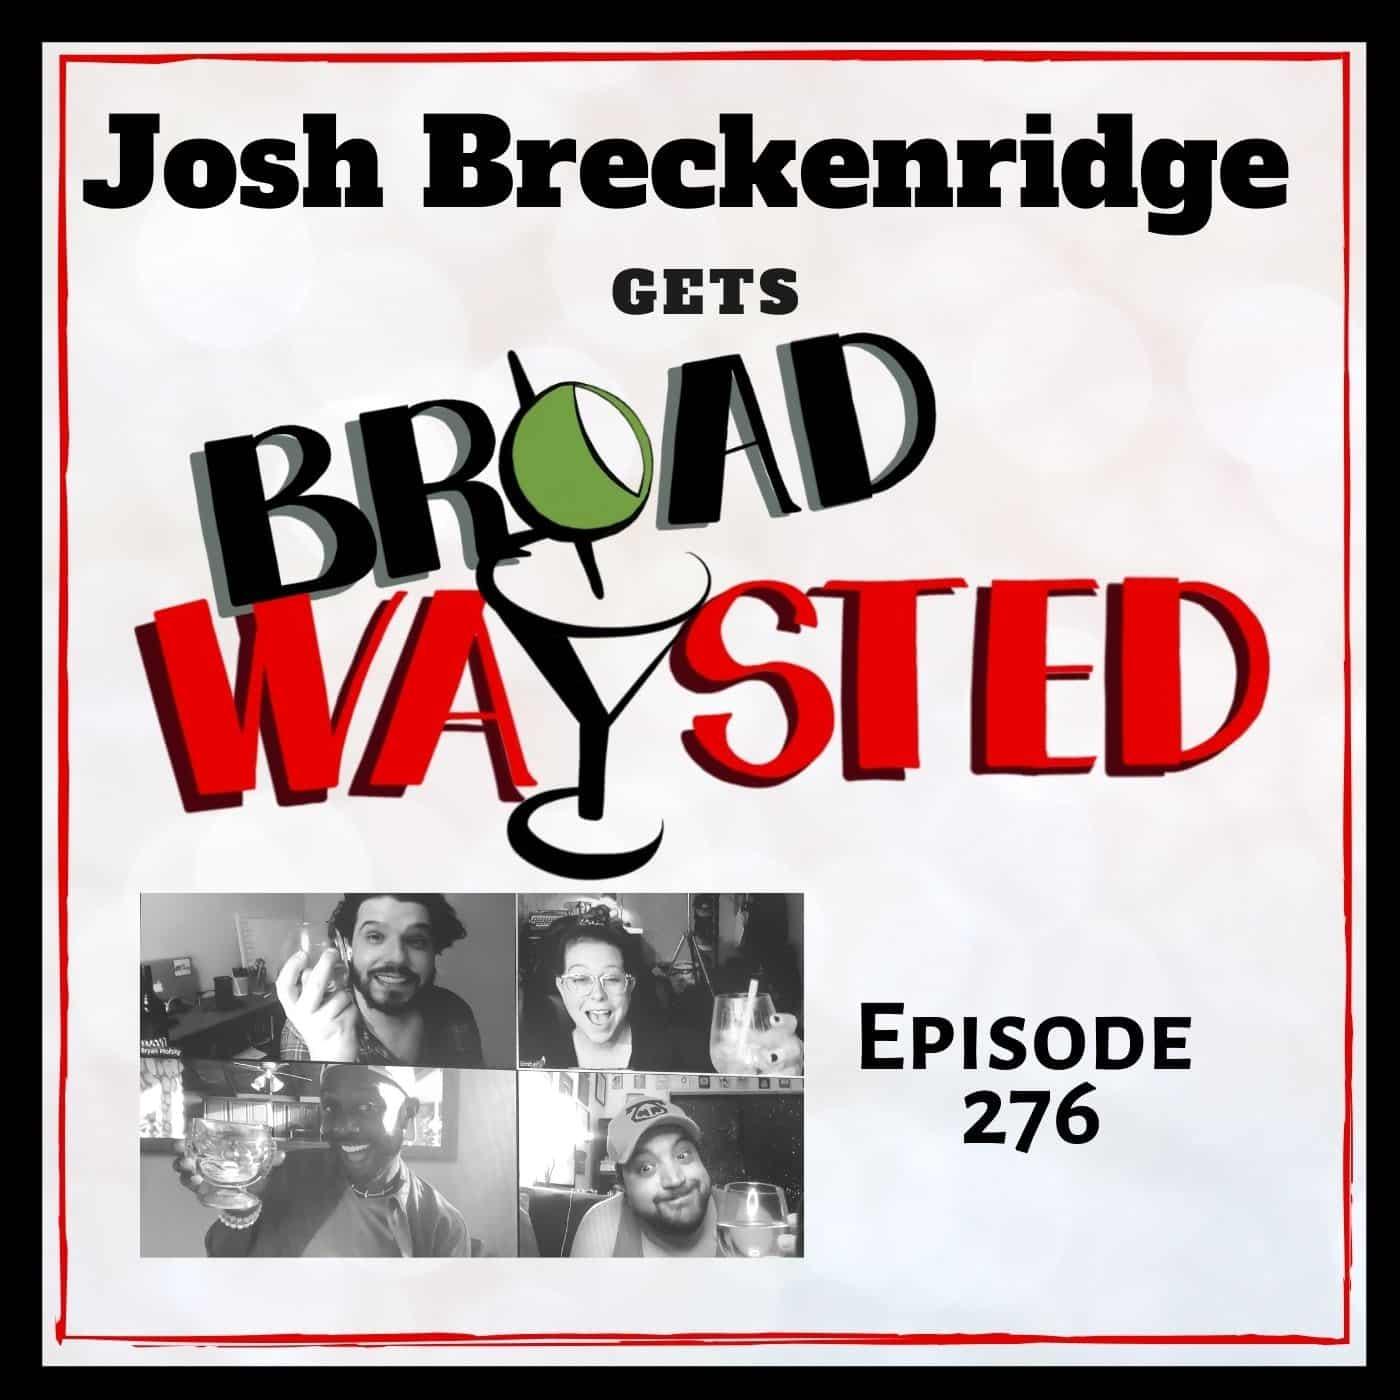 Episode 276: Josh Breckenridge gets Broadwaysted!